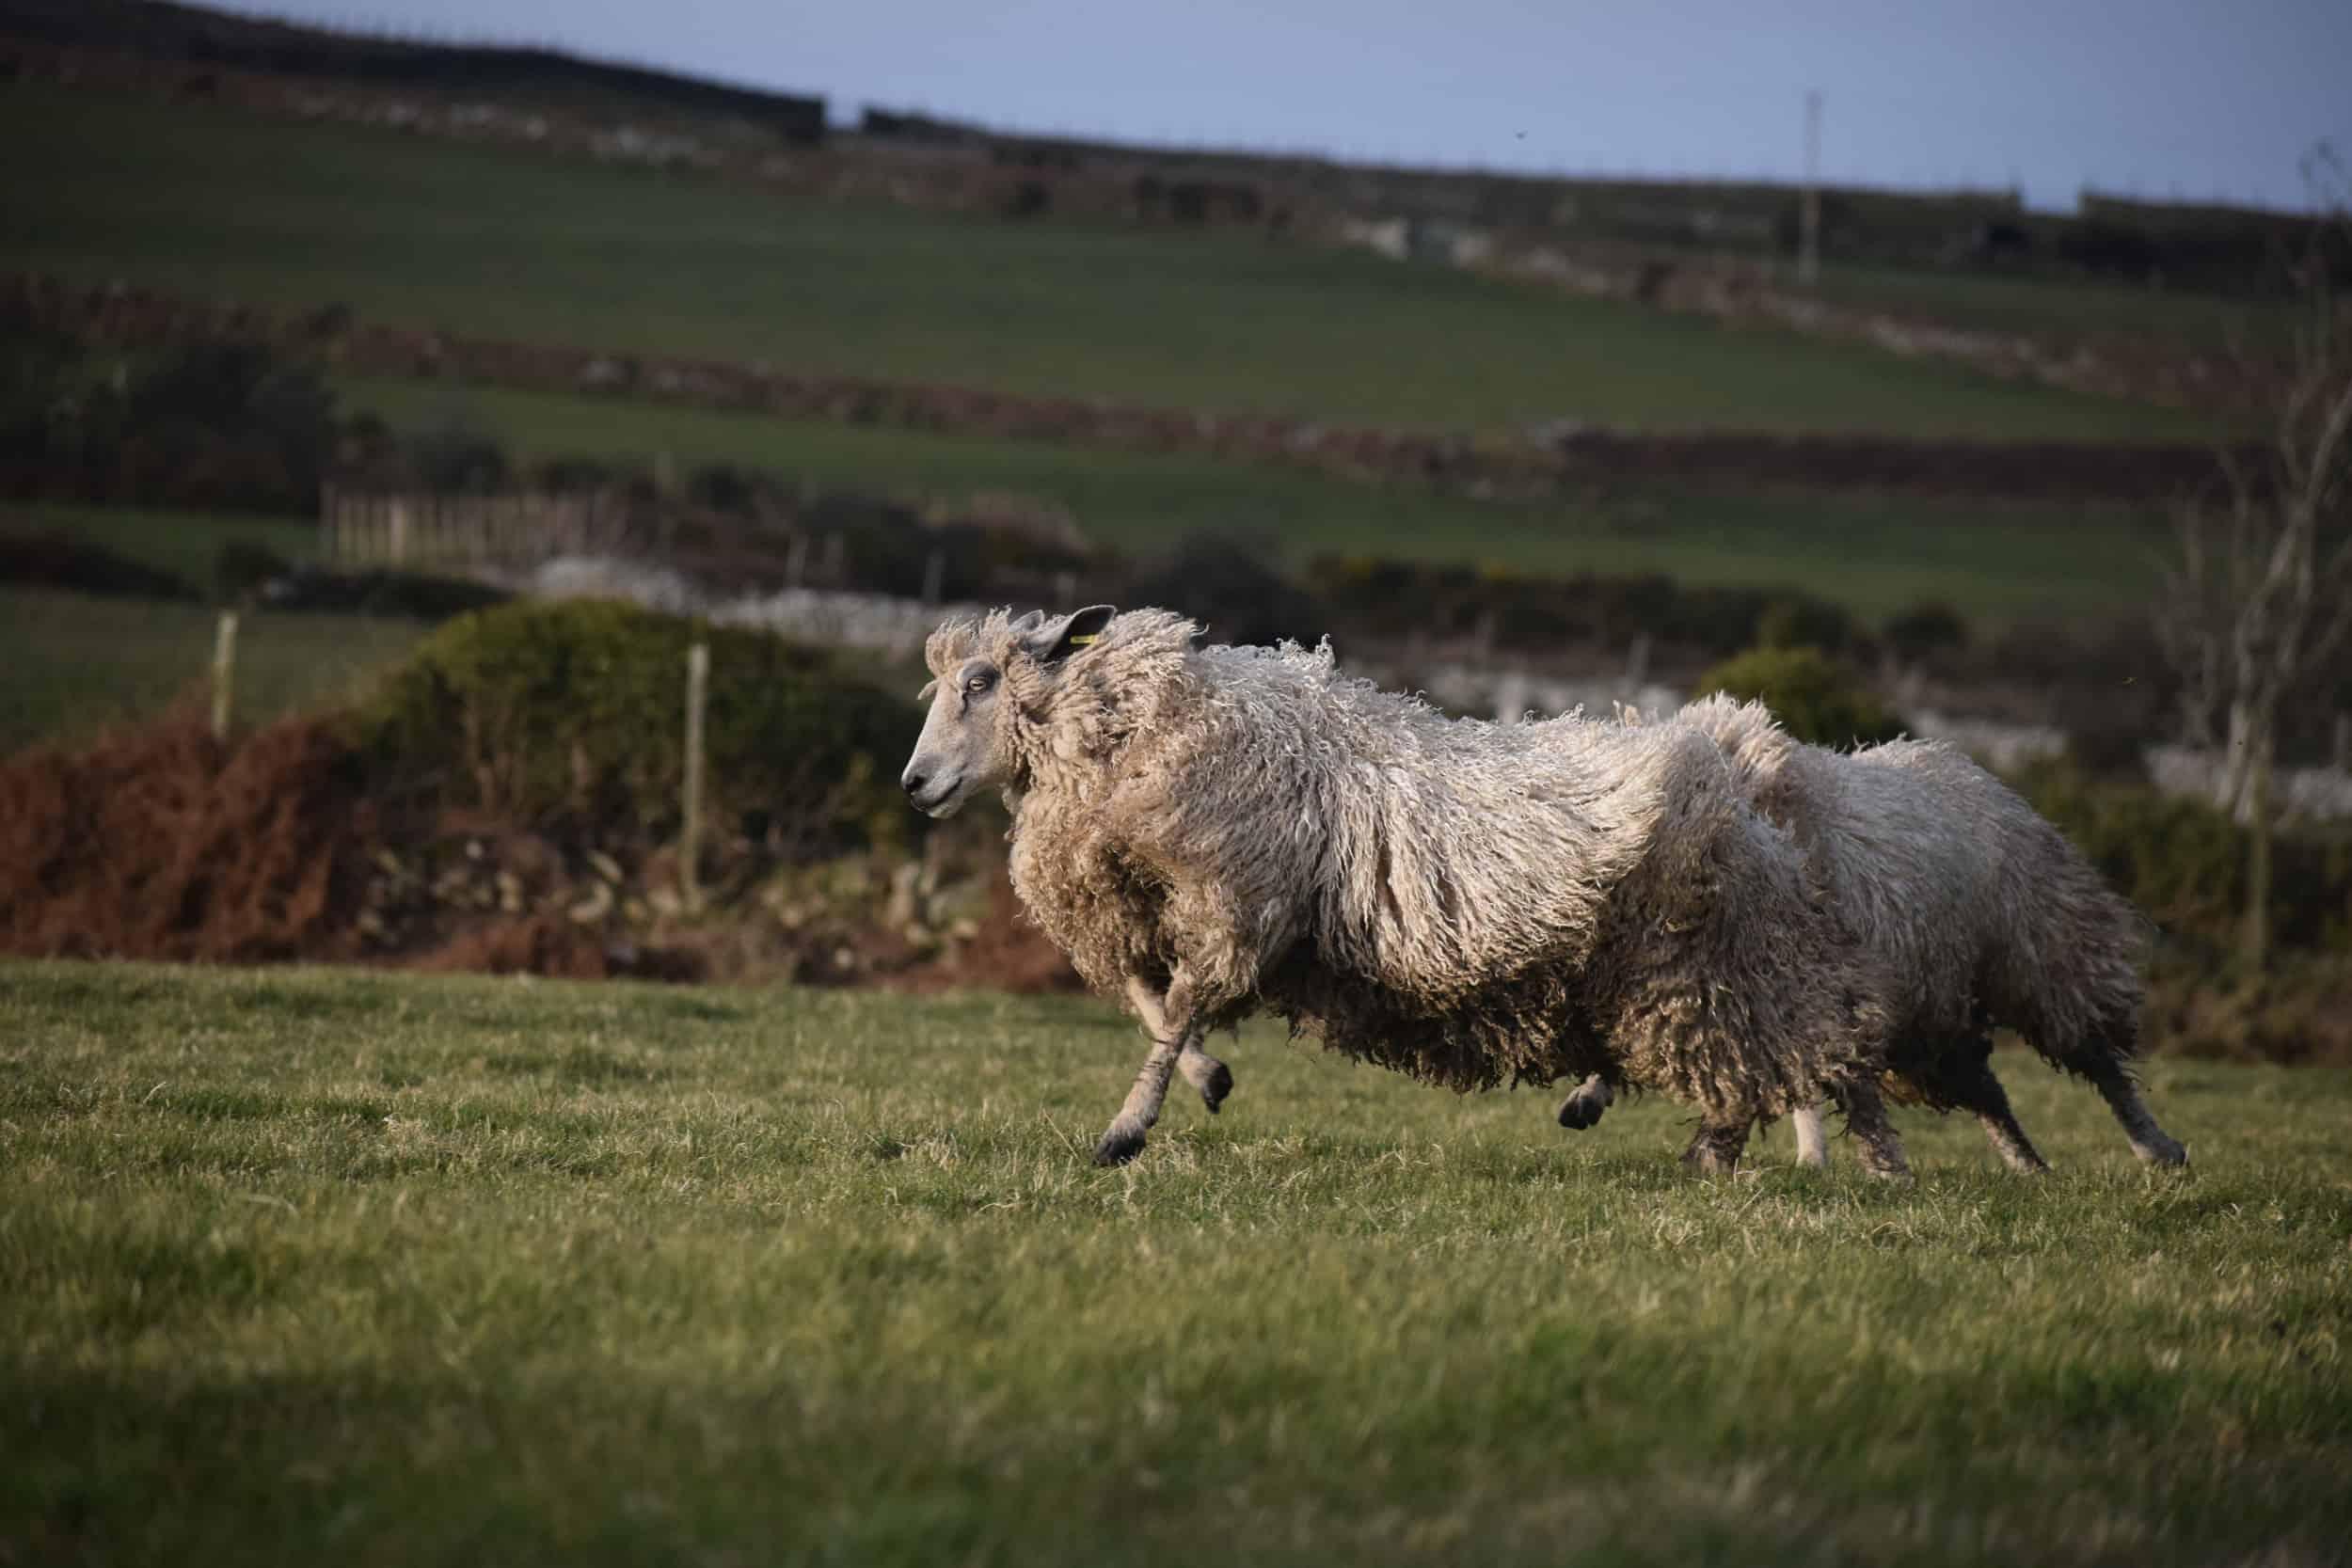 hermione texel x wensleydale patchwork sheep wool 4